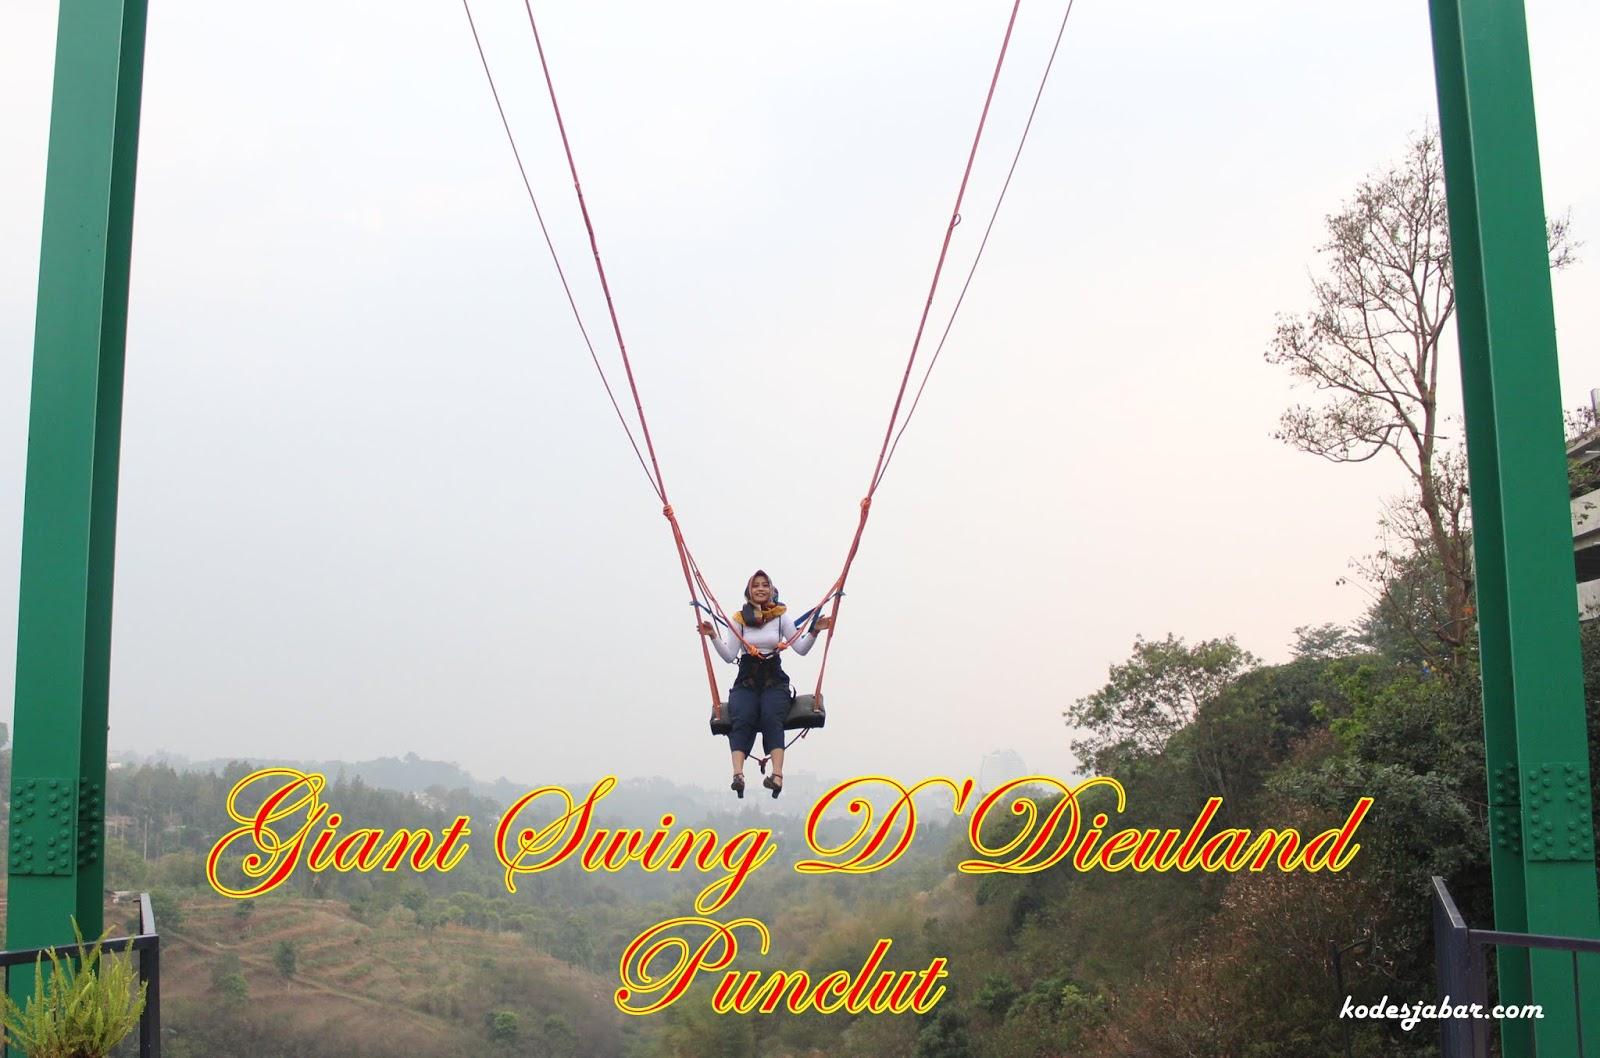 Giant Swing, Wahana Ayunan Ekstrem di Destinasi Wisata D'Dieuland Bandung